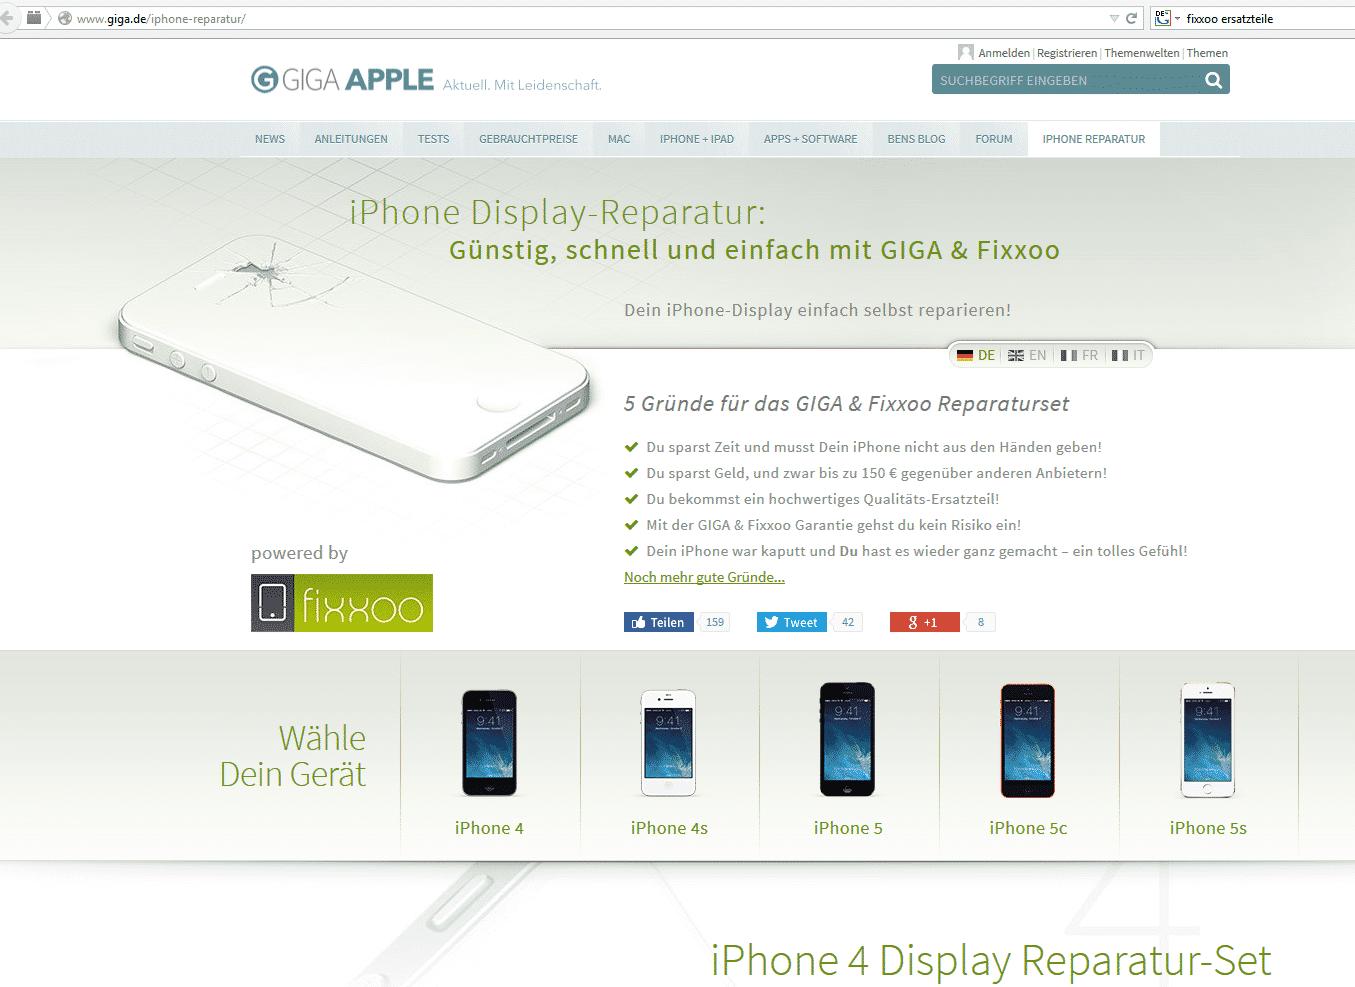 """Heute sprechen Giga und Fixxoo nur noch von """"hochwertigen Qualitäts-Ersatzteilen"""". (Screenshot vom 11.11.2014)"""